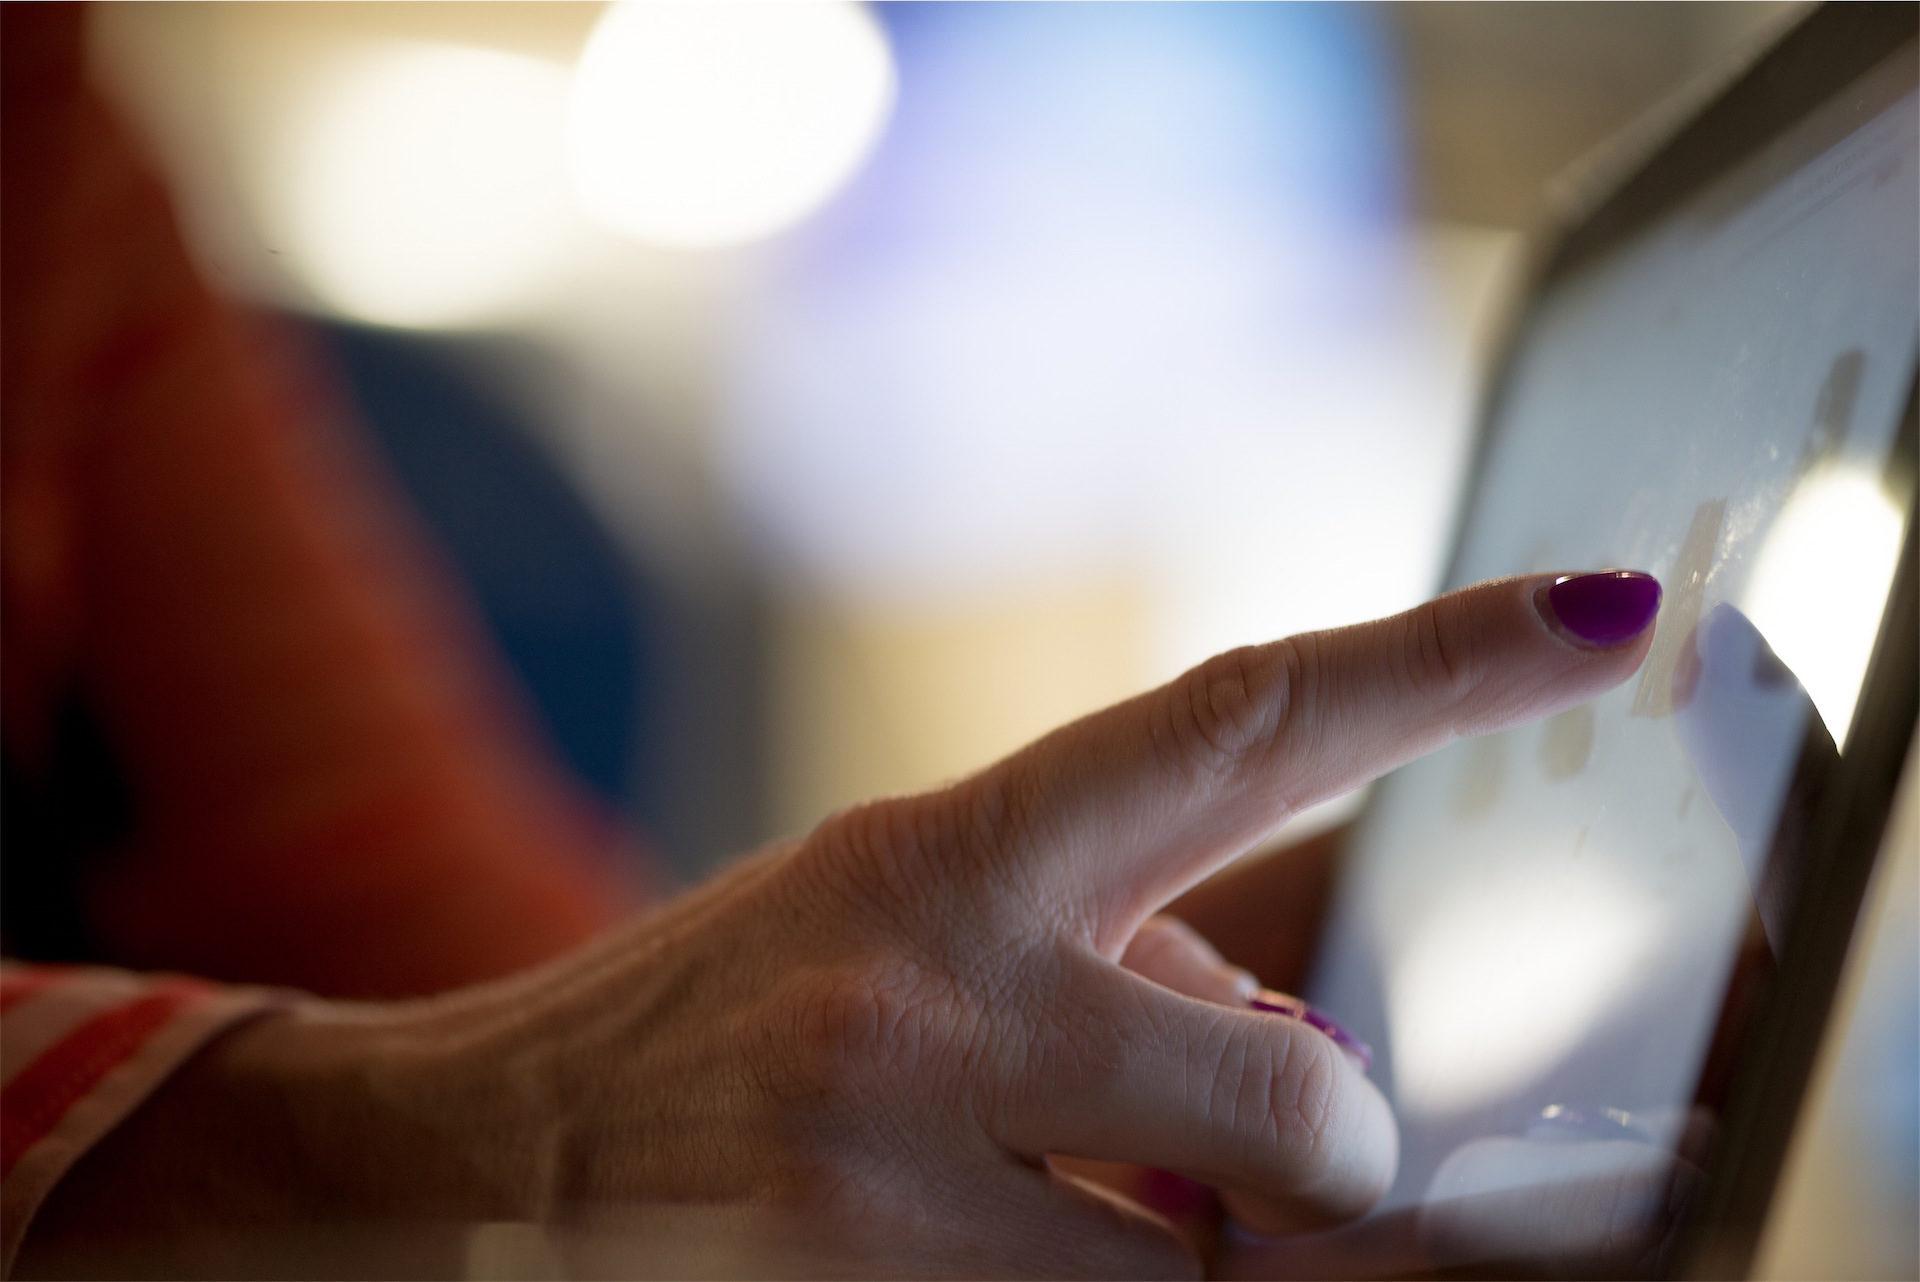 タブレット, 手, 女性, 指, 爪 - HD の壁紙 - 教授-falken.com